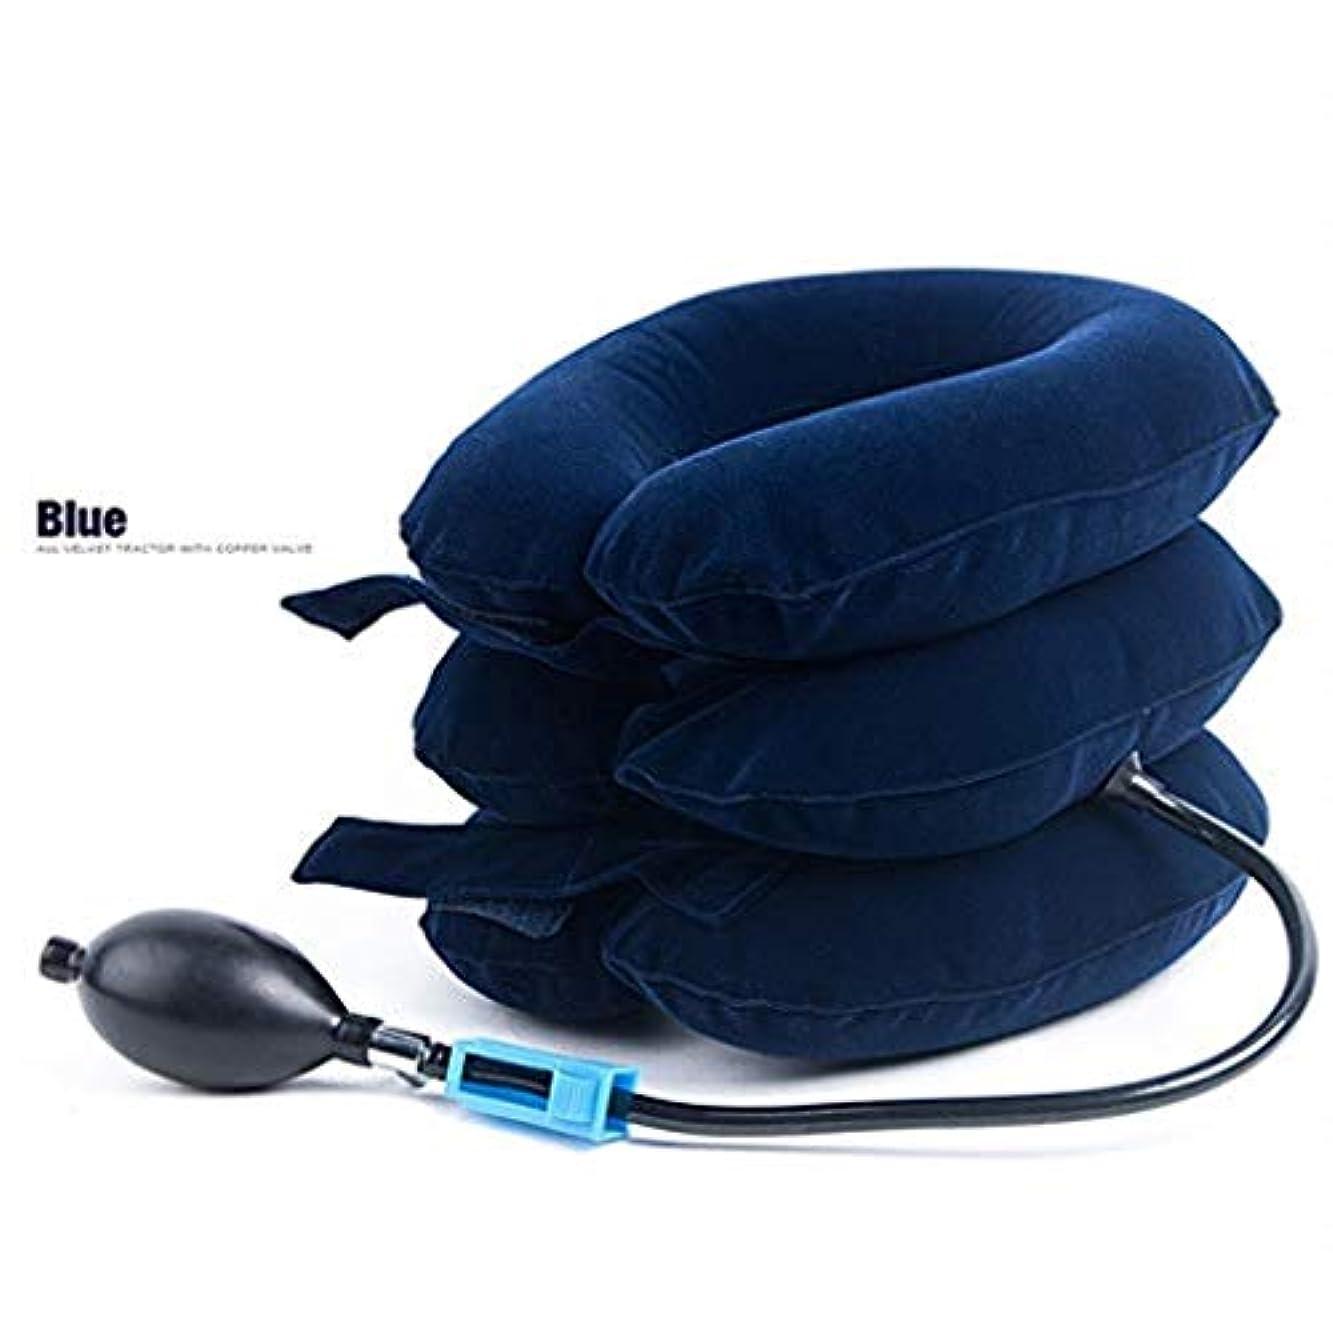 立法ばかげたスピーチ首のマッサージャー、膨脹可能なマッサージの首の枕、頚部頚部牽引装置、背部/肩の首のマッサージャー、ヘルスケア (Color : Biue)